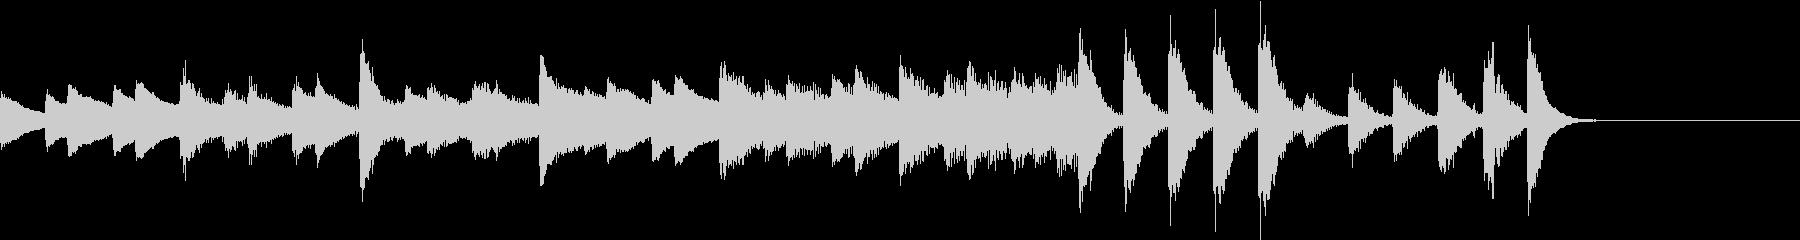 パルスモーション的クールなピアノジングルの未再生の波形